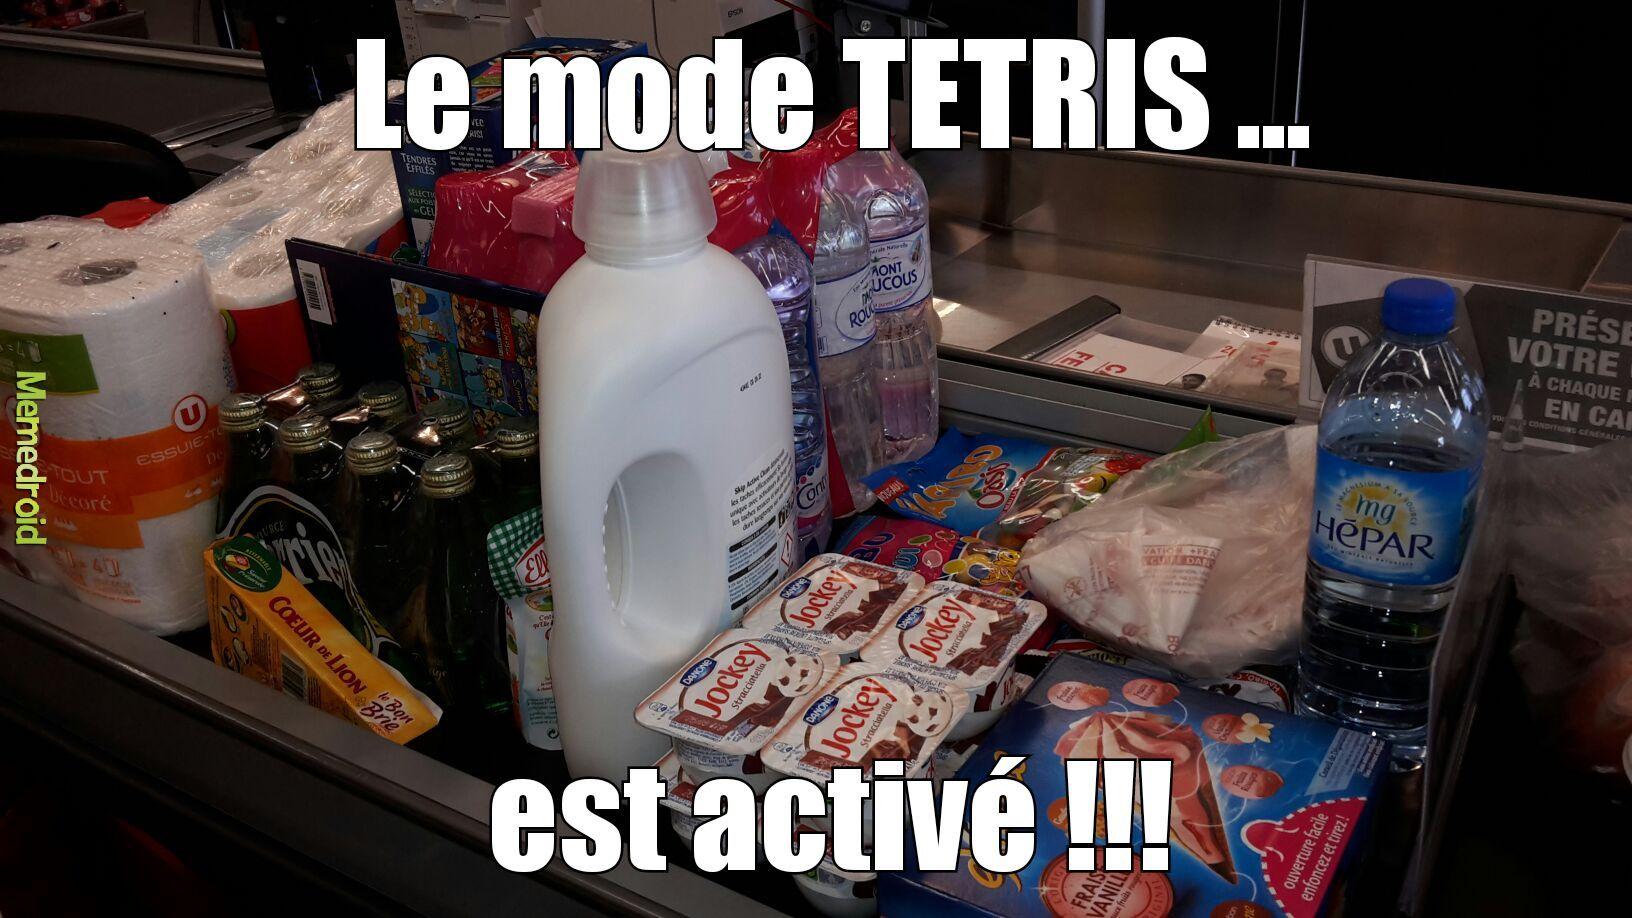 TETRIS LVL 10 - meme